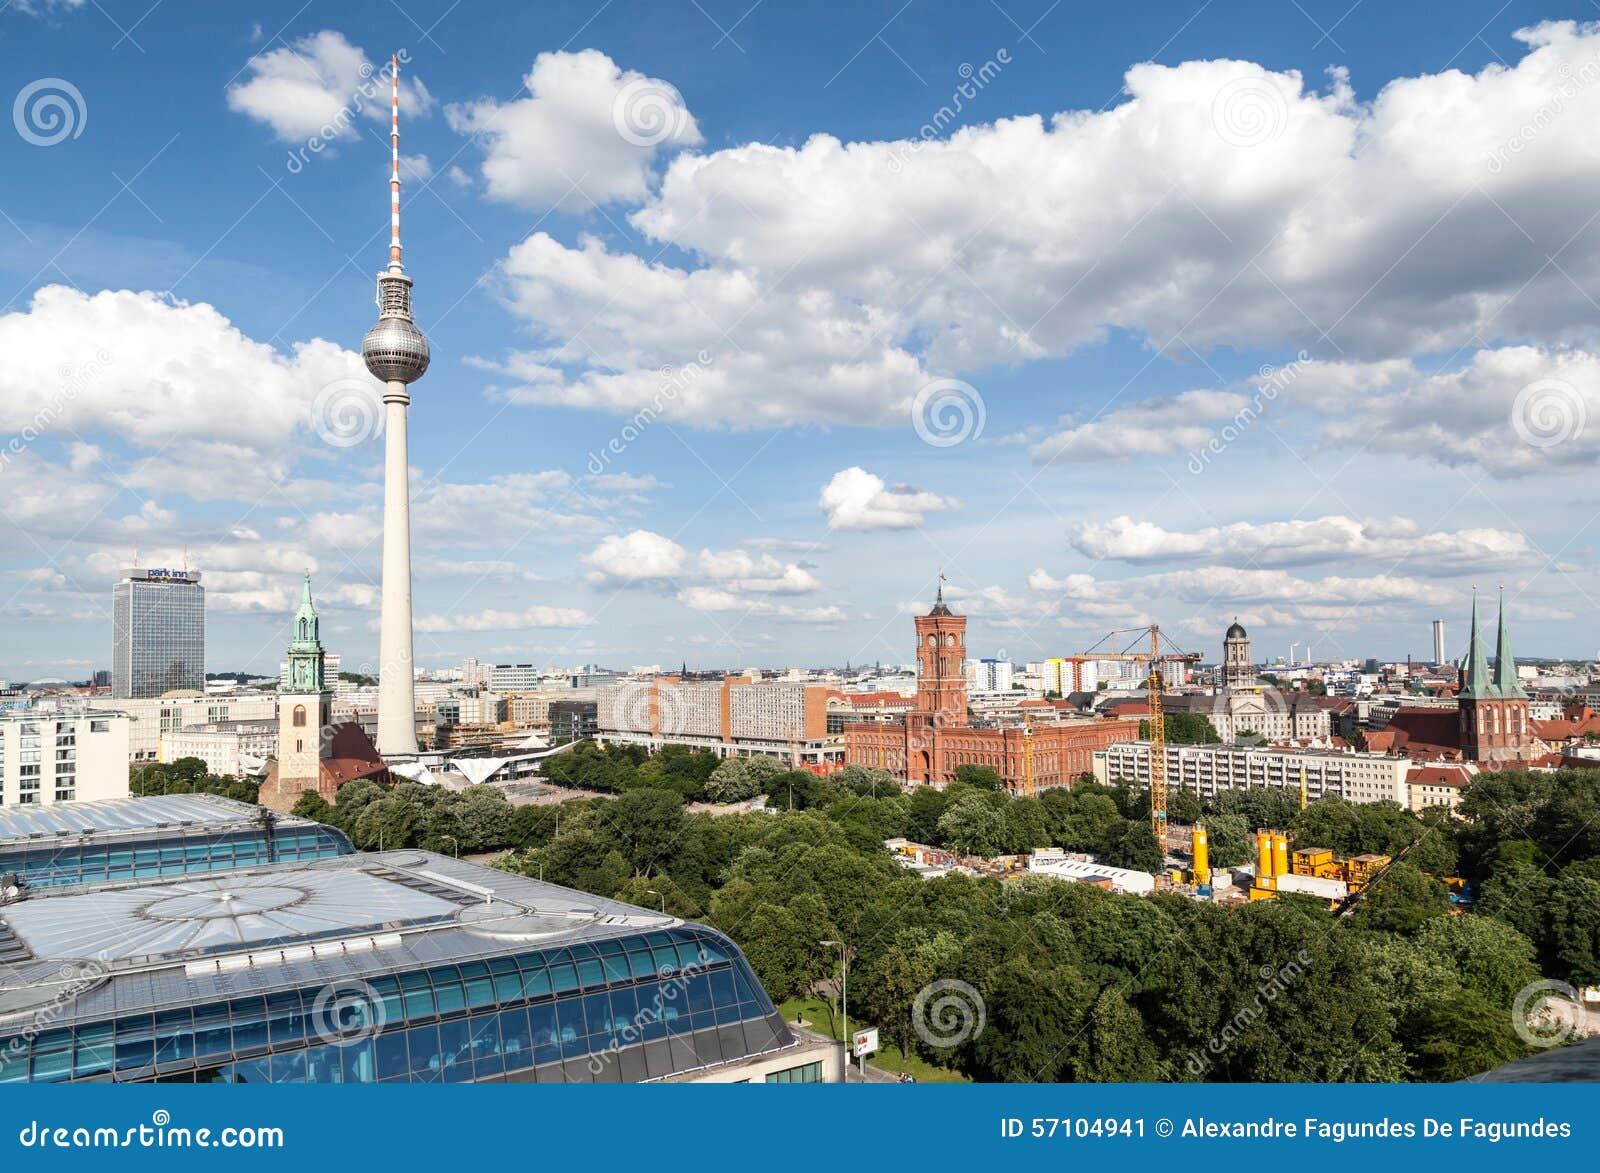 Dating berlin germany